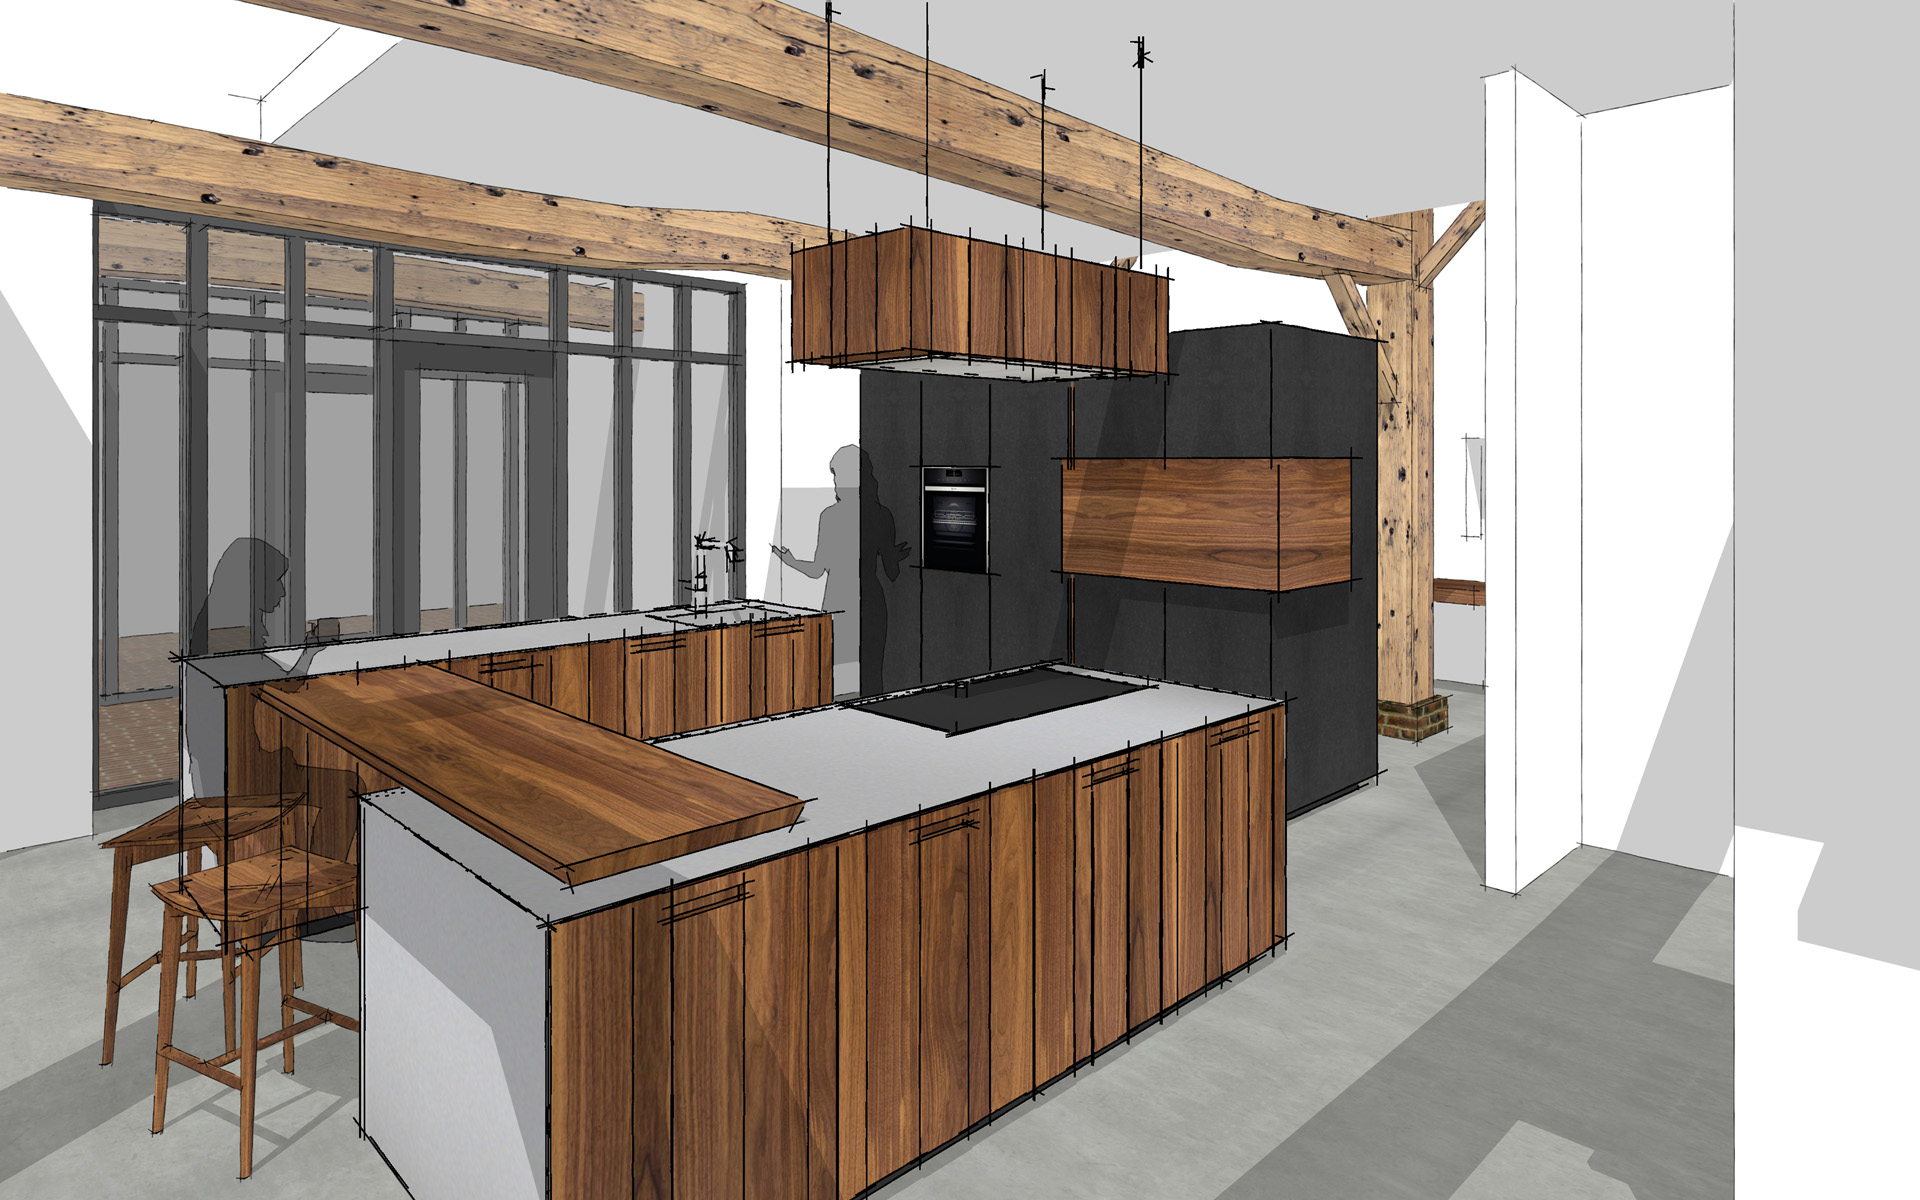 Achterwand Keuken Mdf : Achterwand keuken mdf achterwand keuken bouwdiscount hoe heet